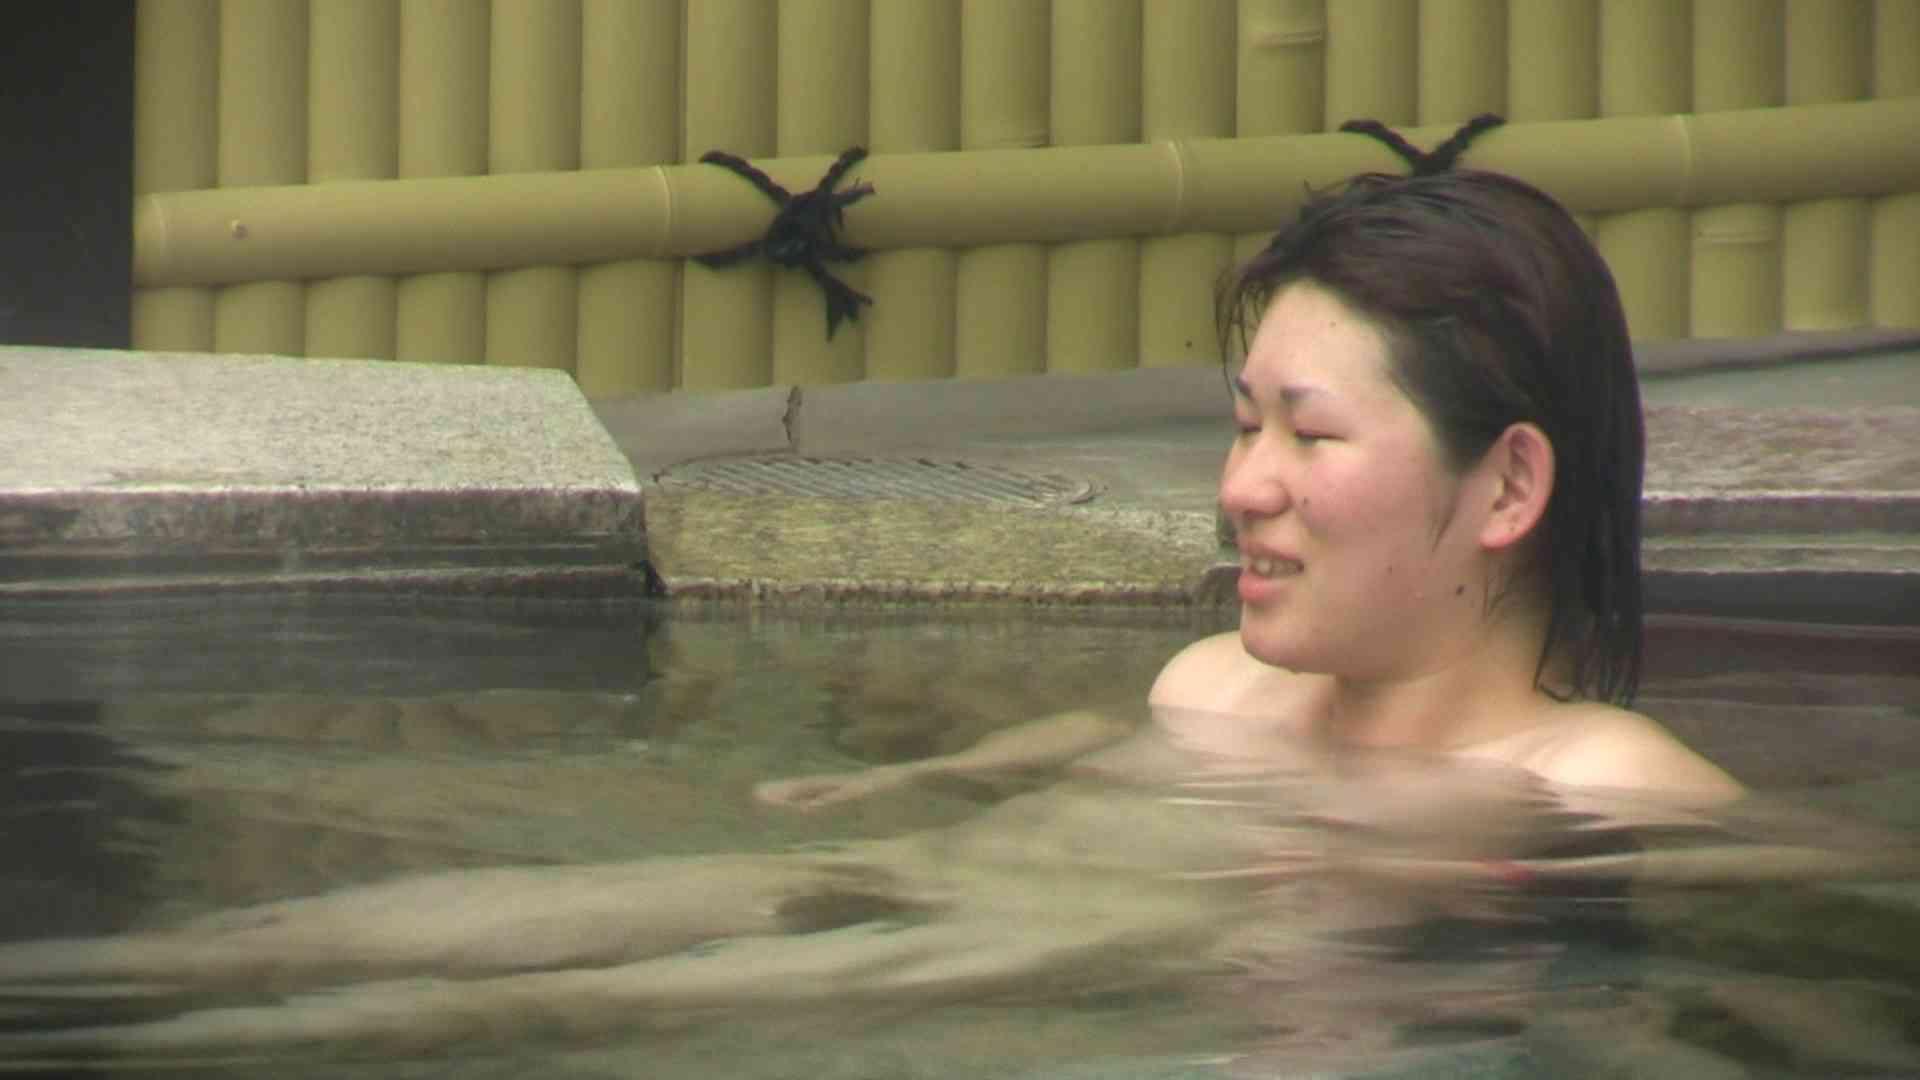 Aquaな露天風呂Vol.673 美しいOLの裸体   盗撮師作品  99pic 88